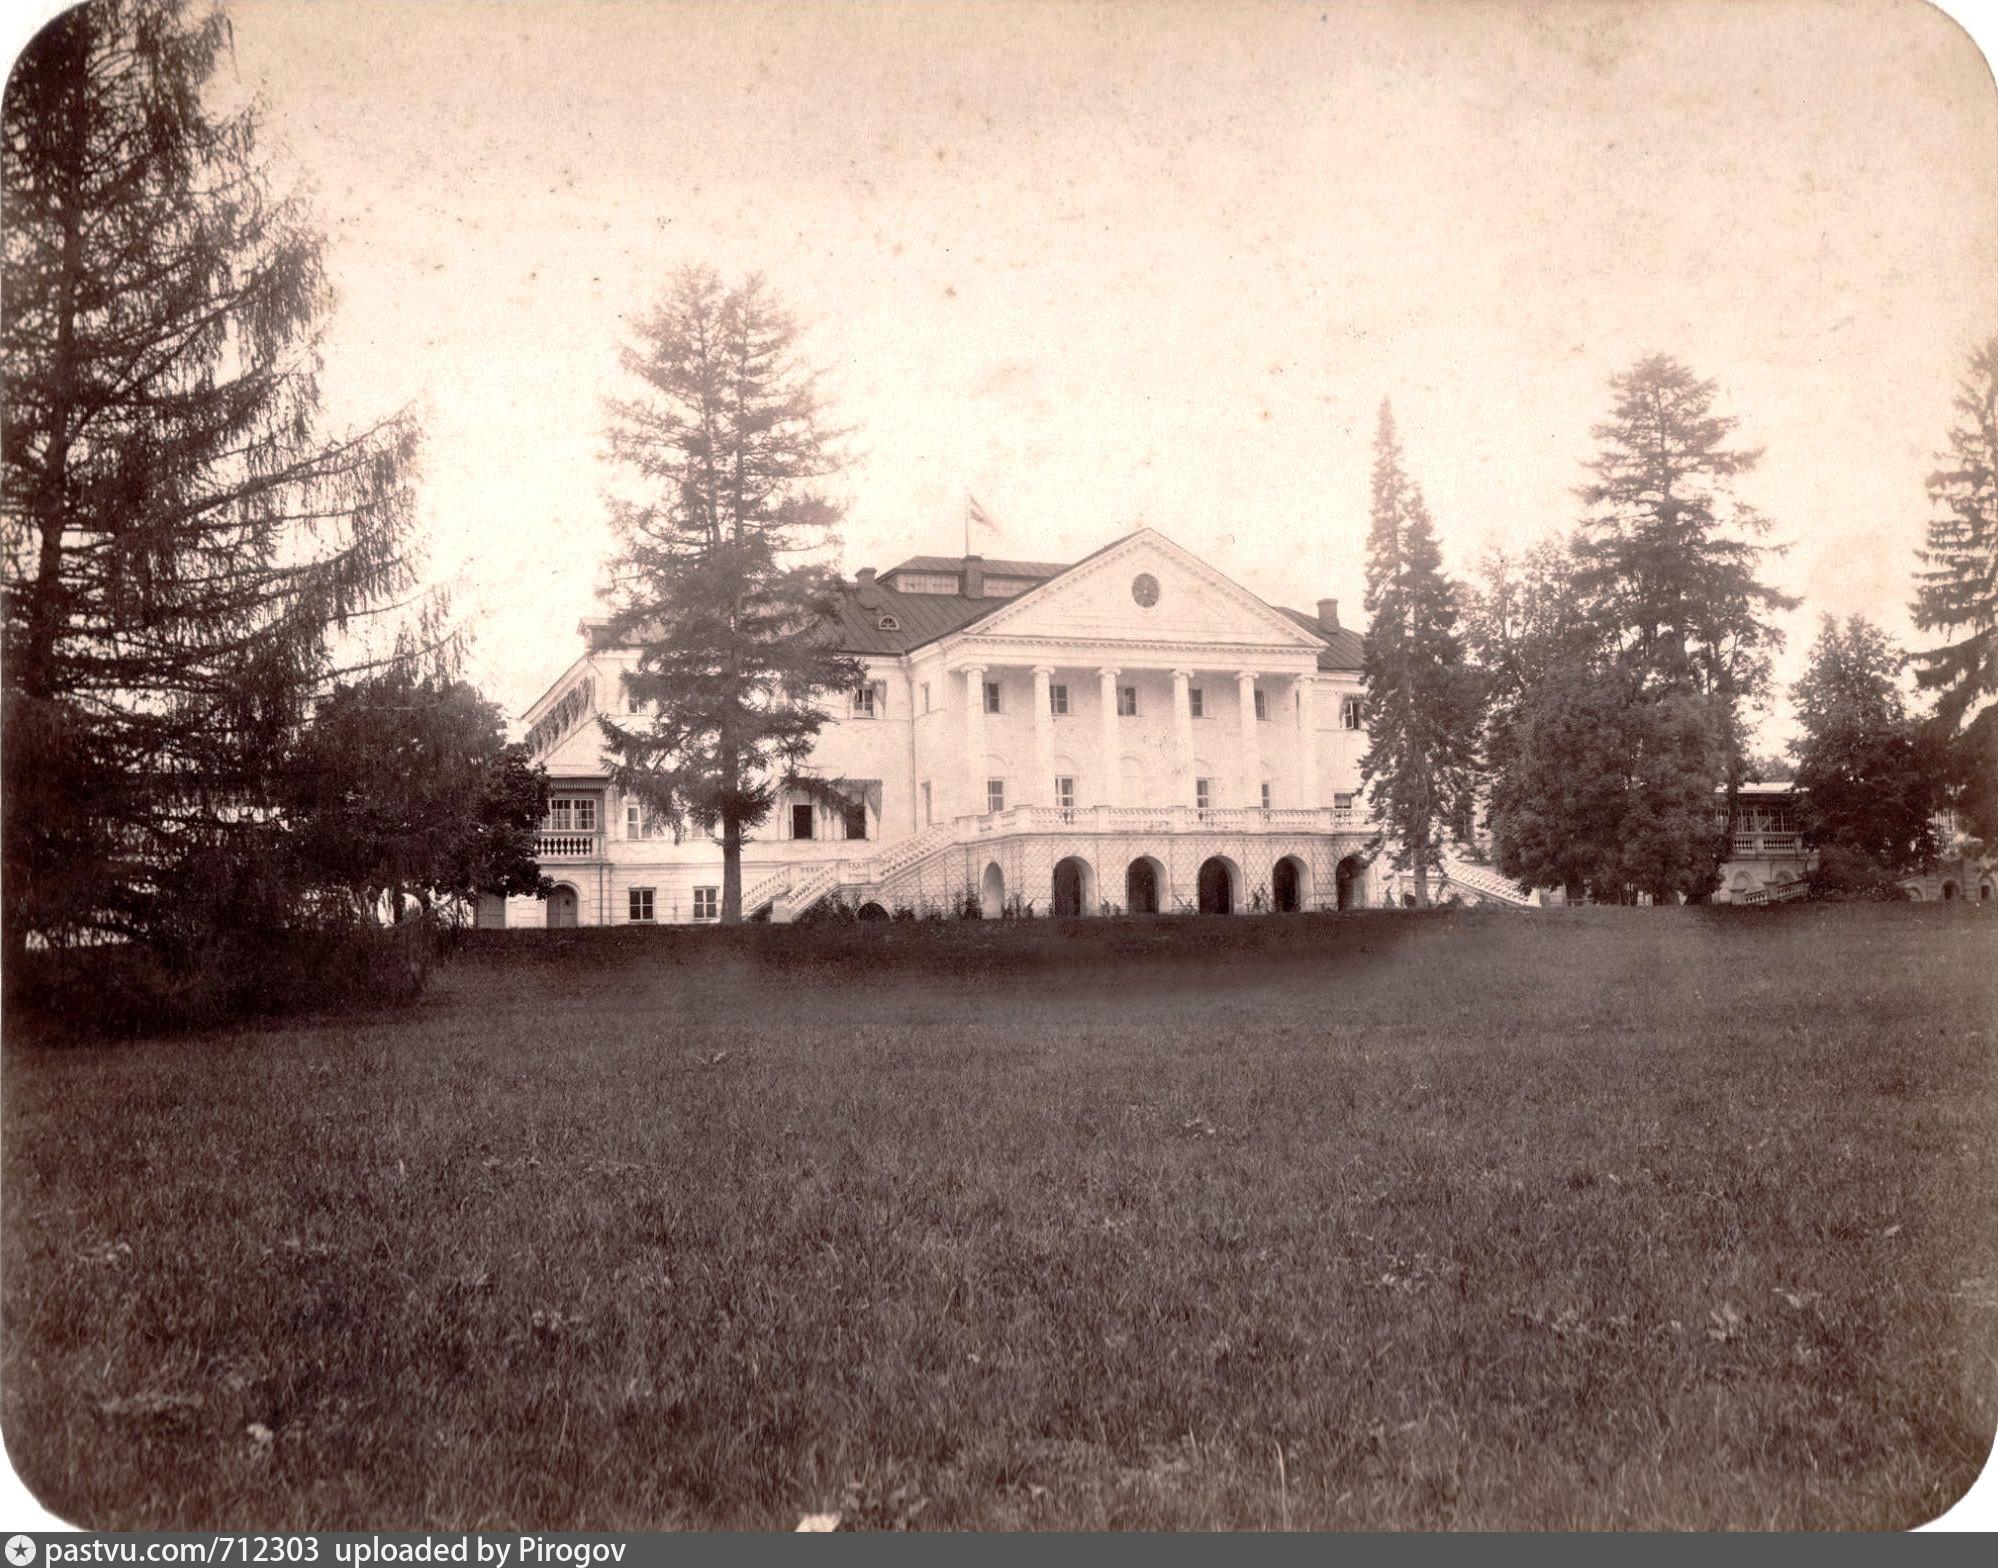 Ольгово. Парковый фасад. 1880 – 1900гг. https://pastvu.com/p/712303